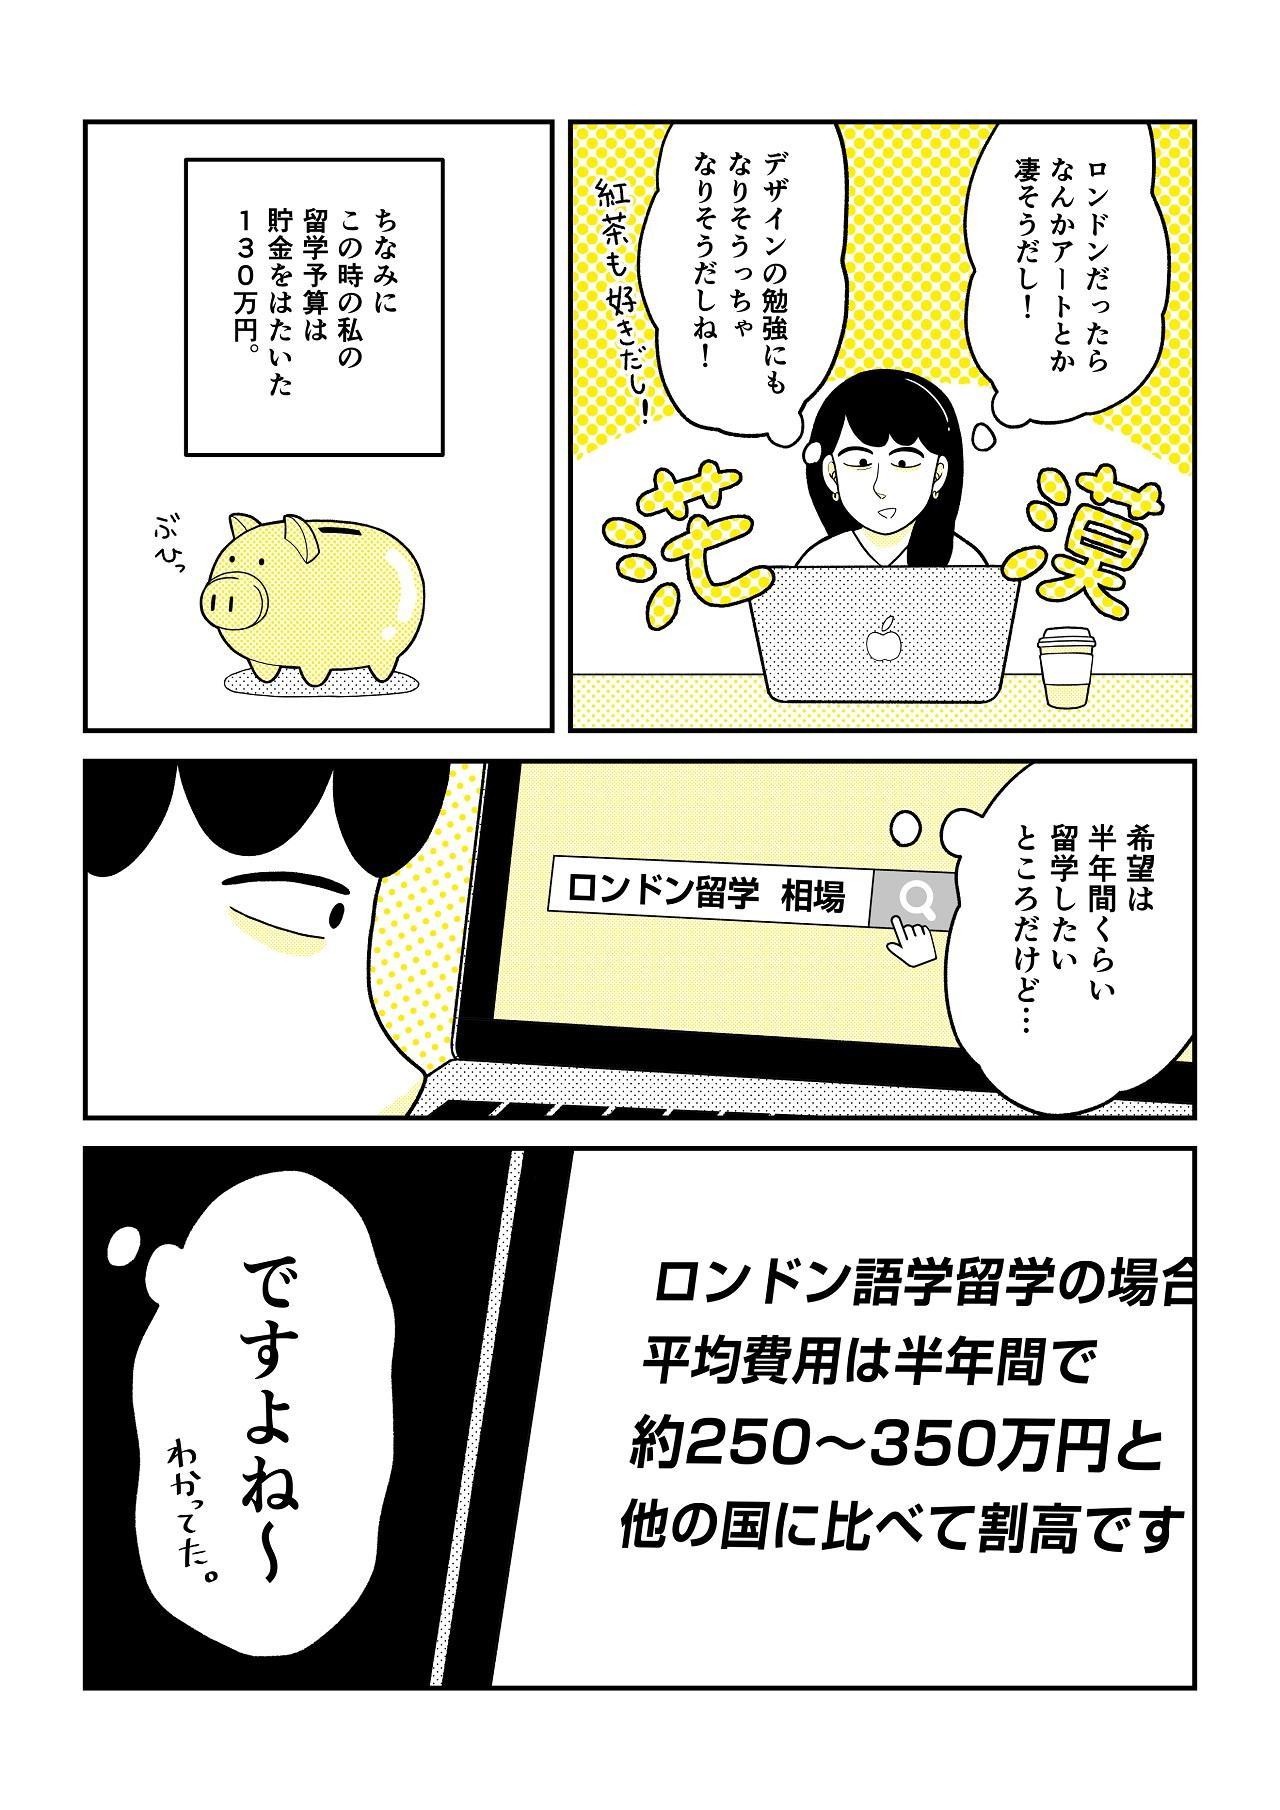 03_02_1280.jpg